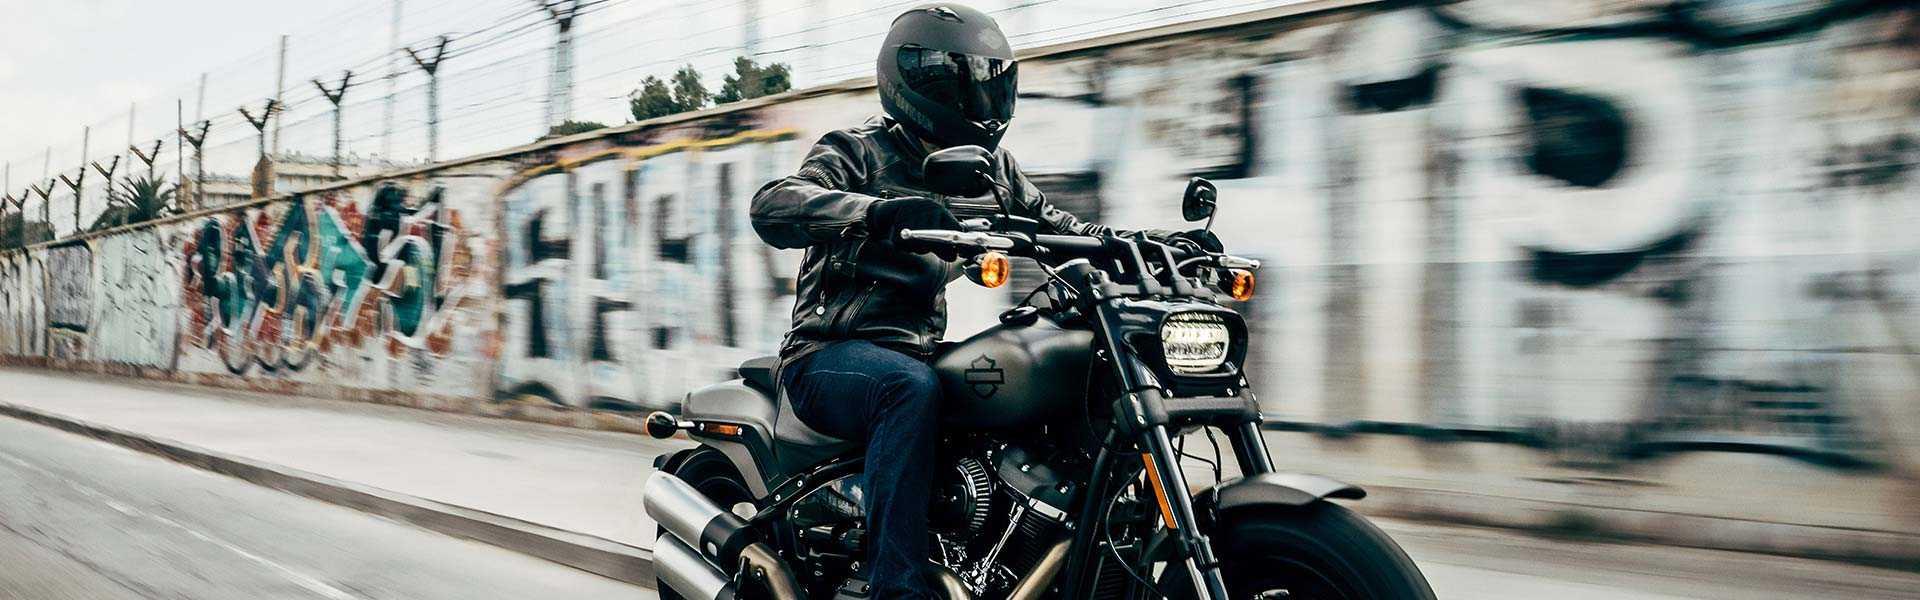 Le port du masque pour les motards n'est plus obligatoire